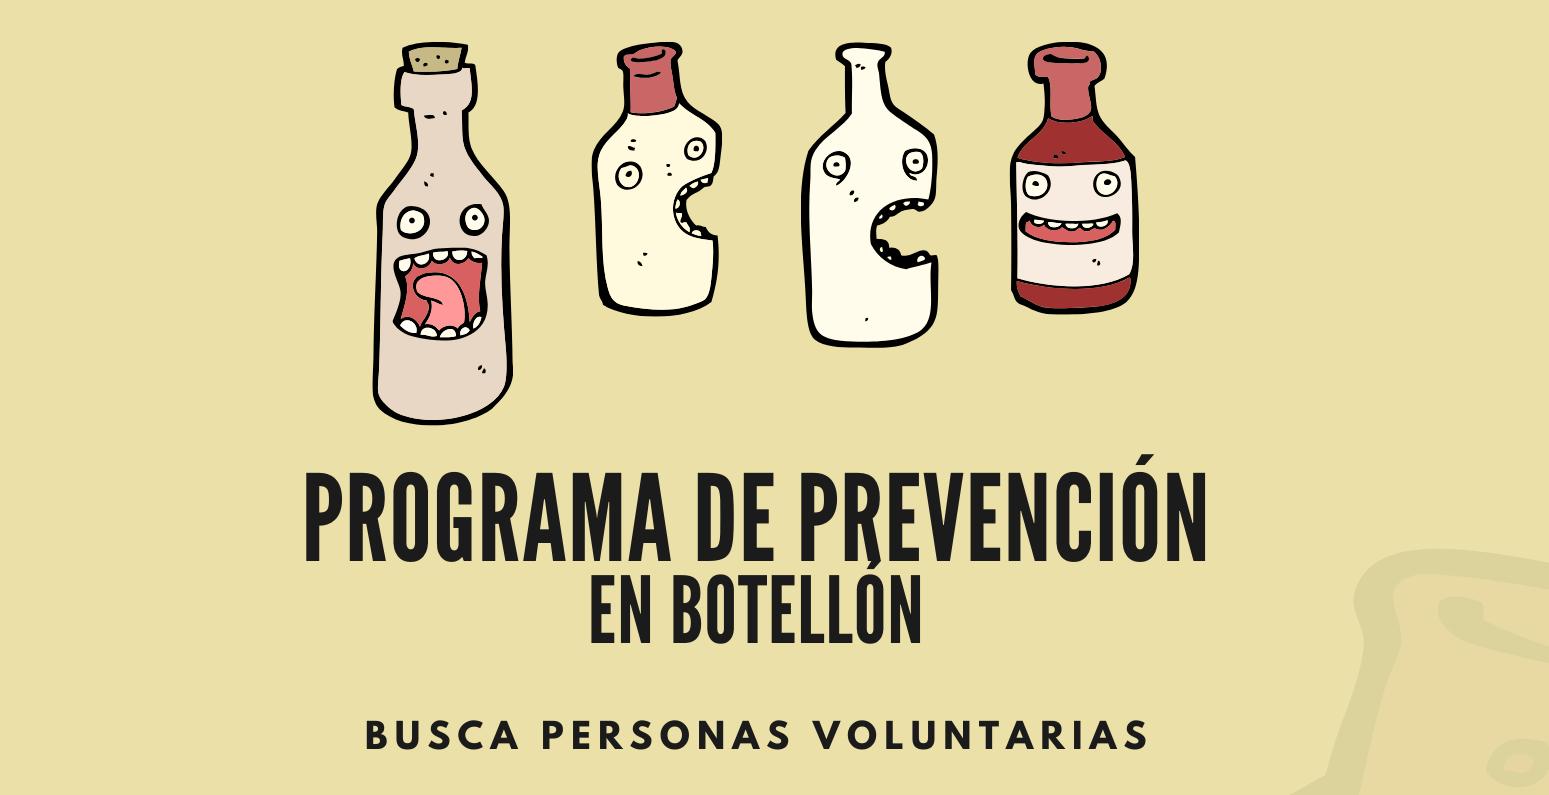 Busquem persones voluntàries pel projecte de prevenció en 'botellón' de Madrid